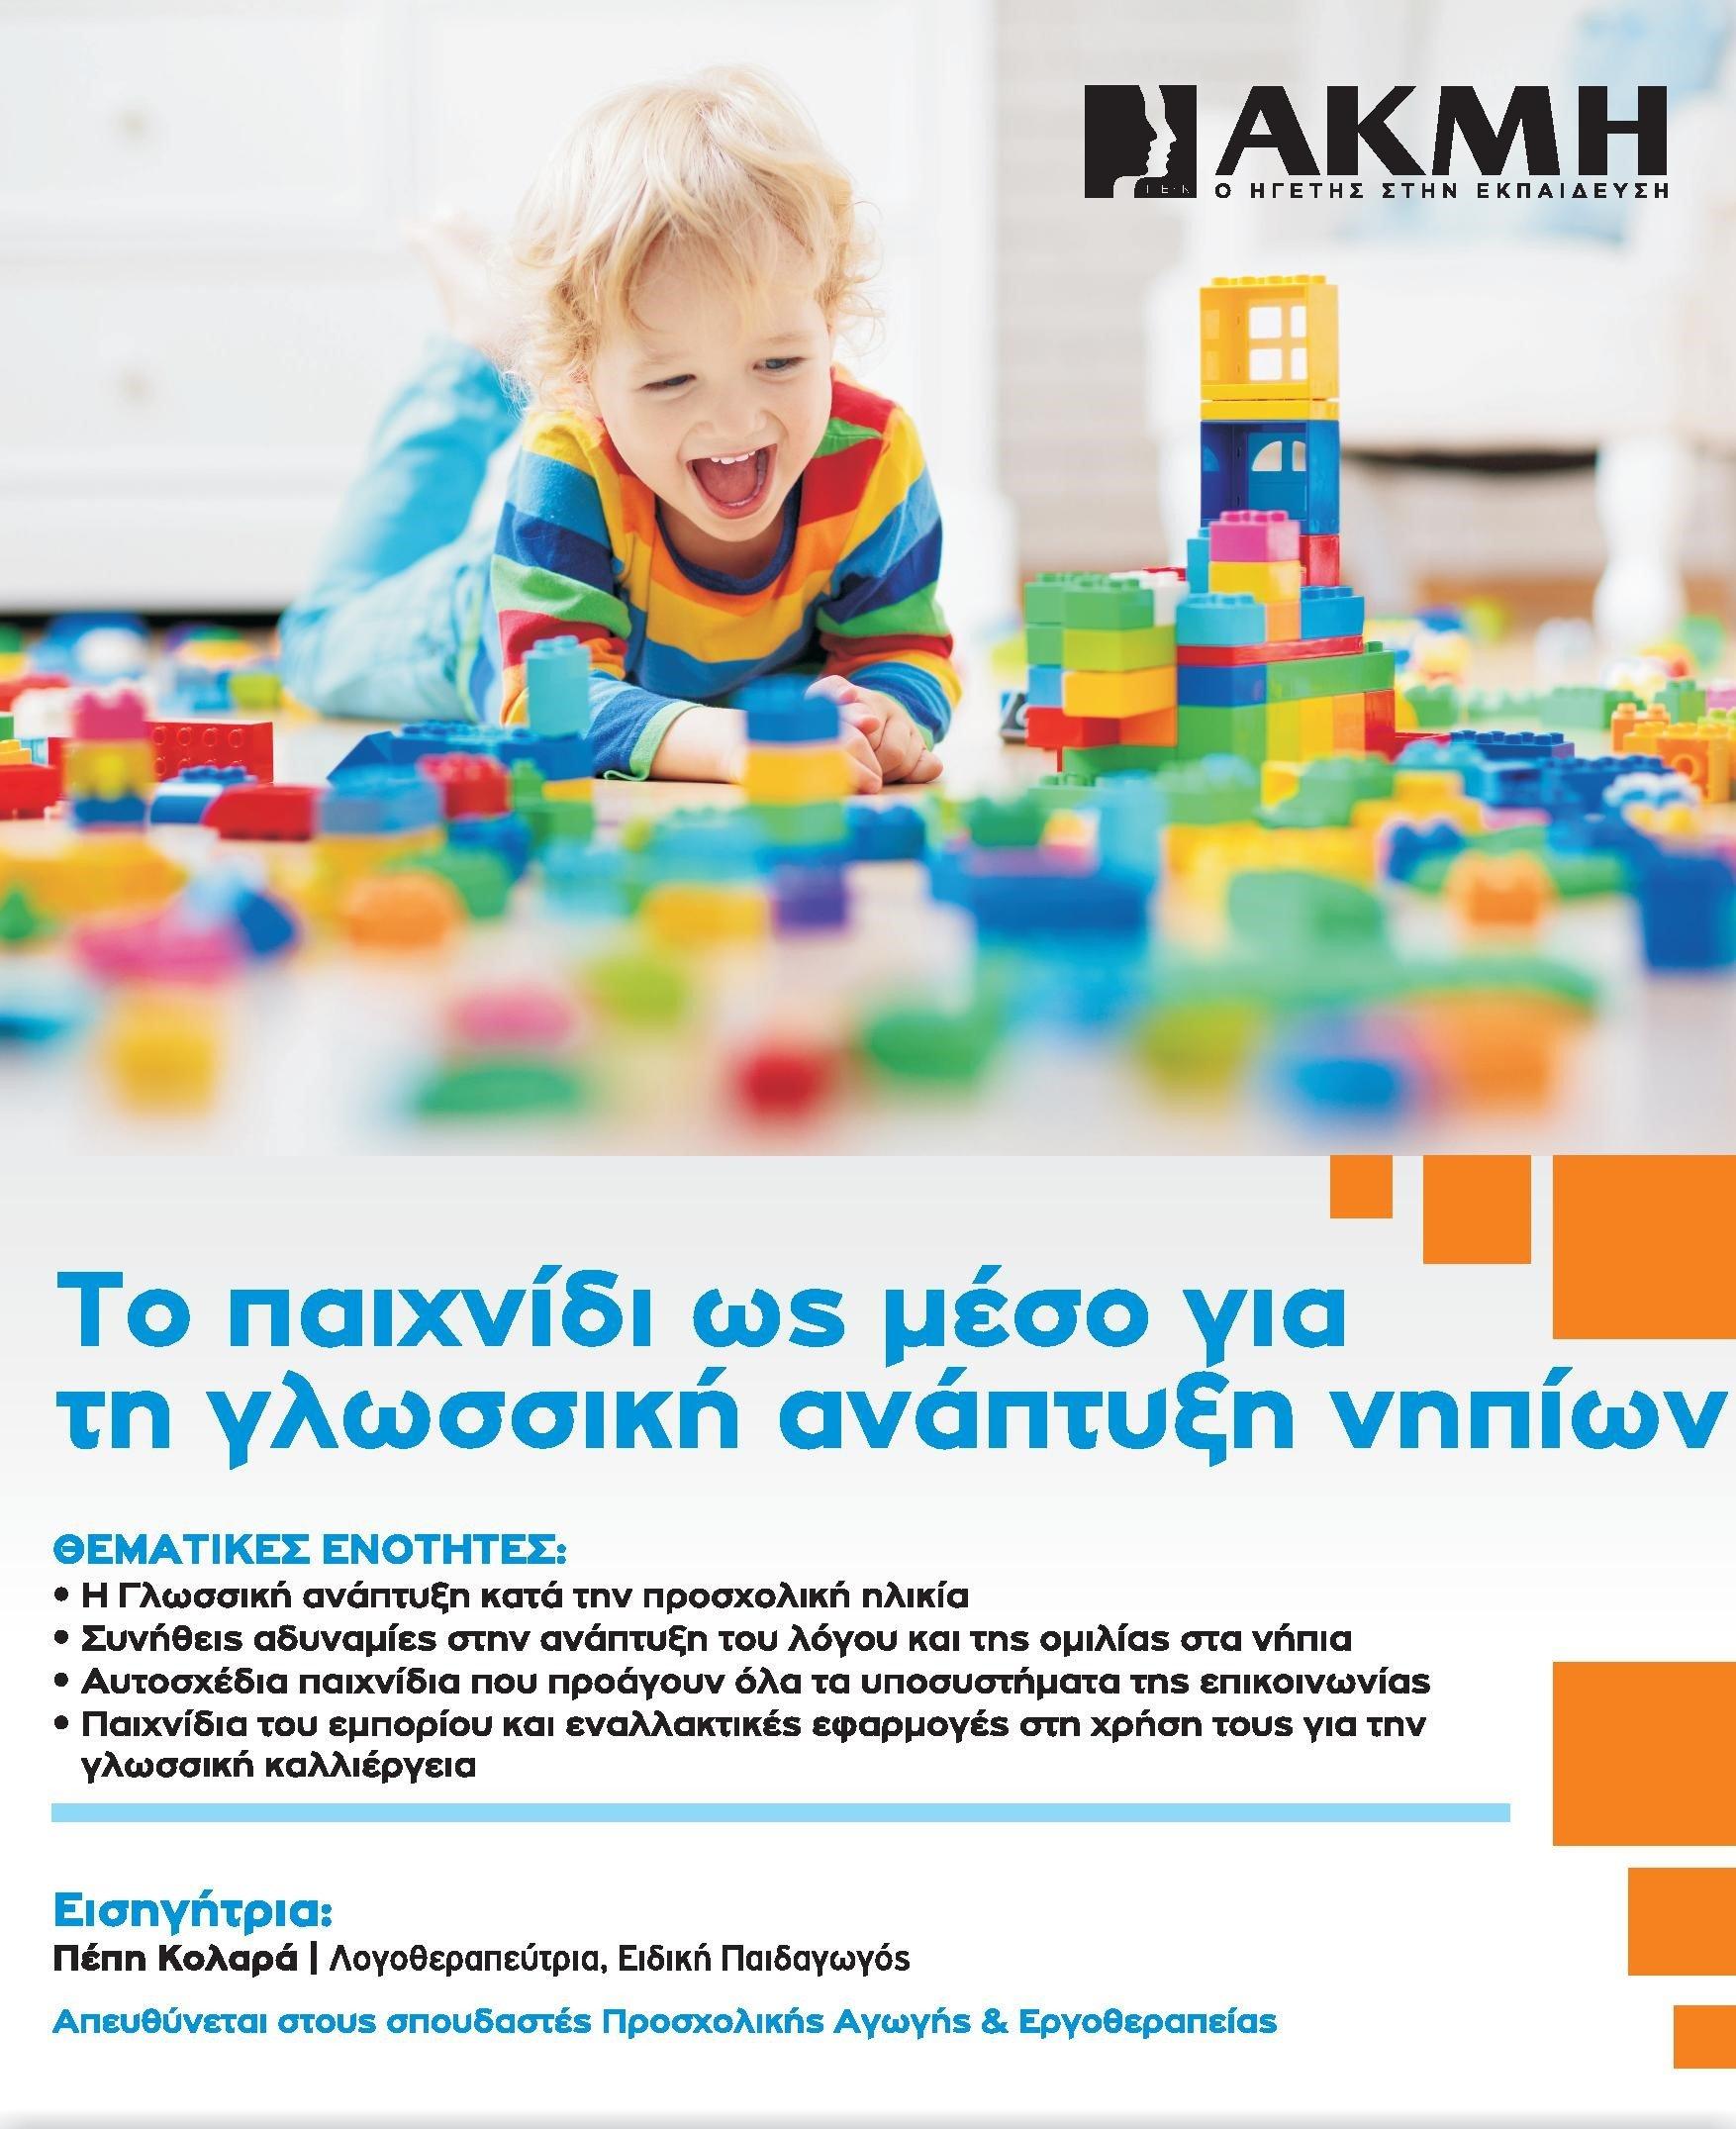 """Ομιλία """" Παιχνίδι με στόχο τη Γλωσσική Ανάπτυξη νηπίων"""""""